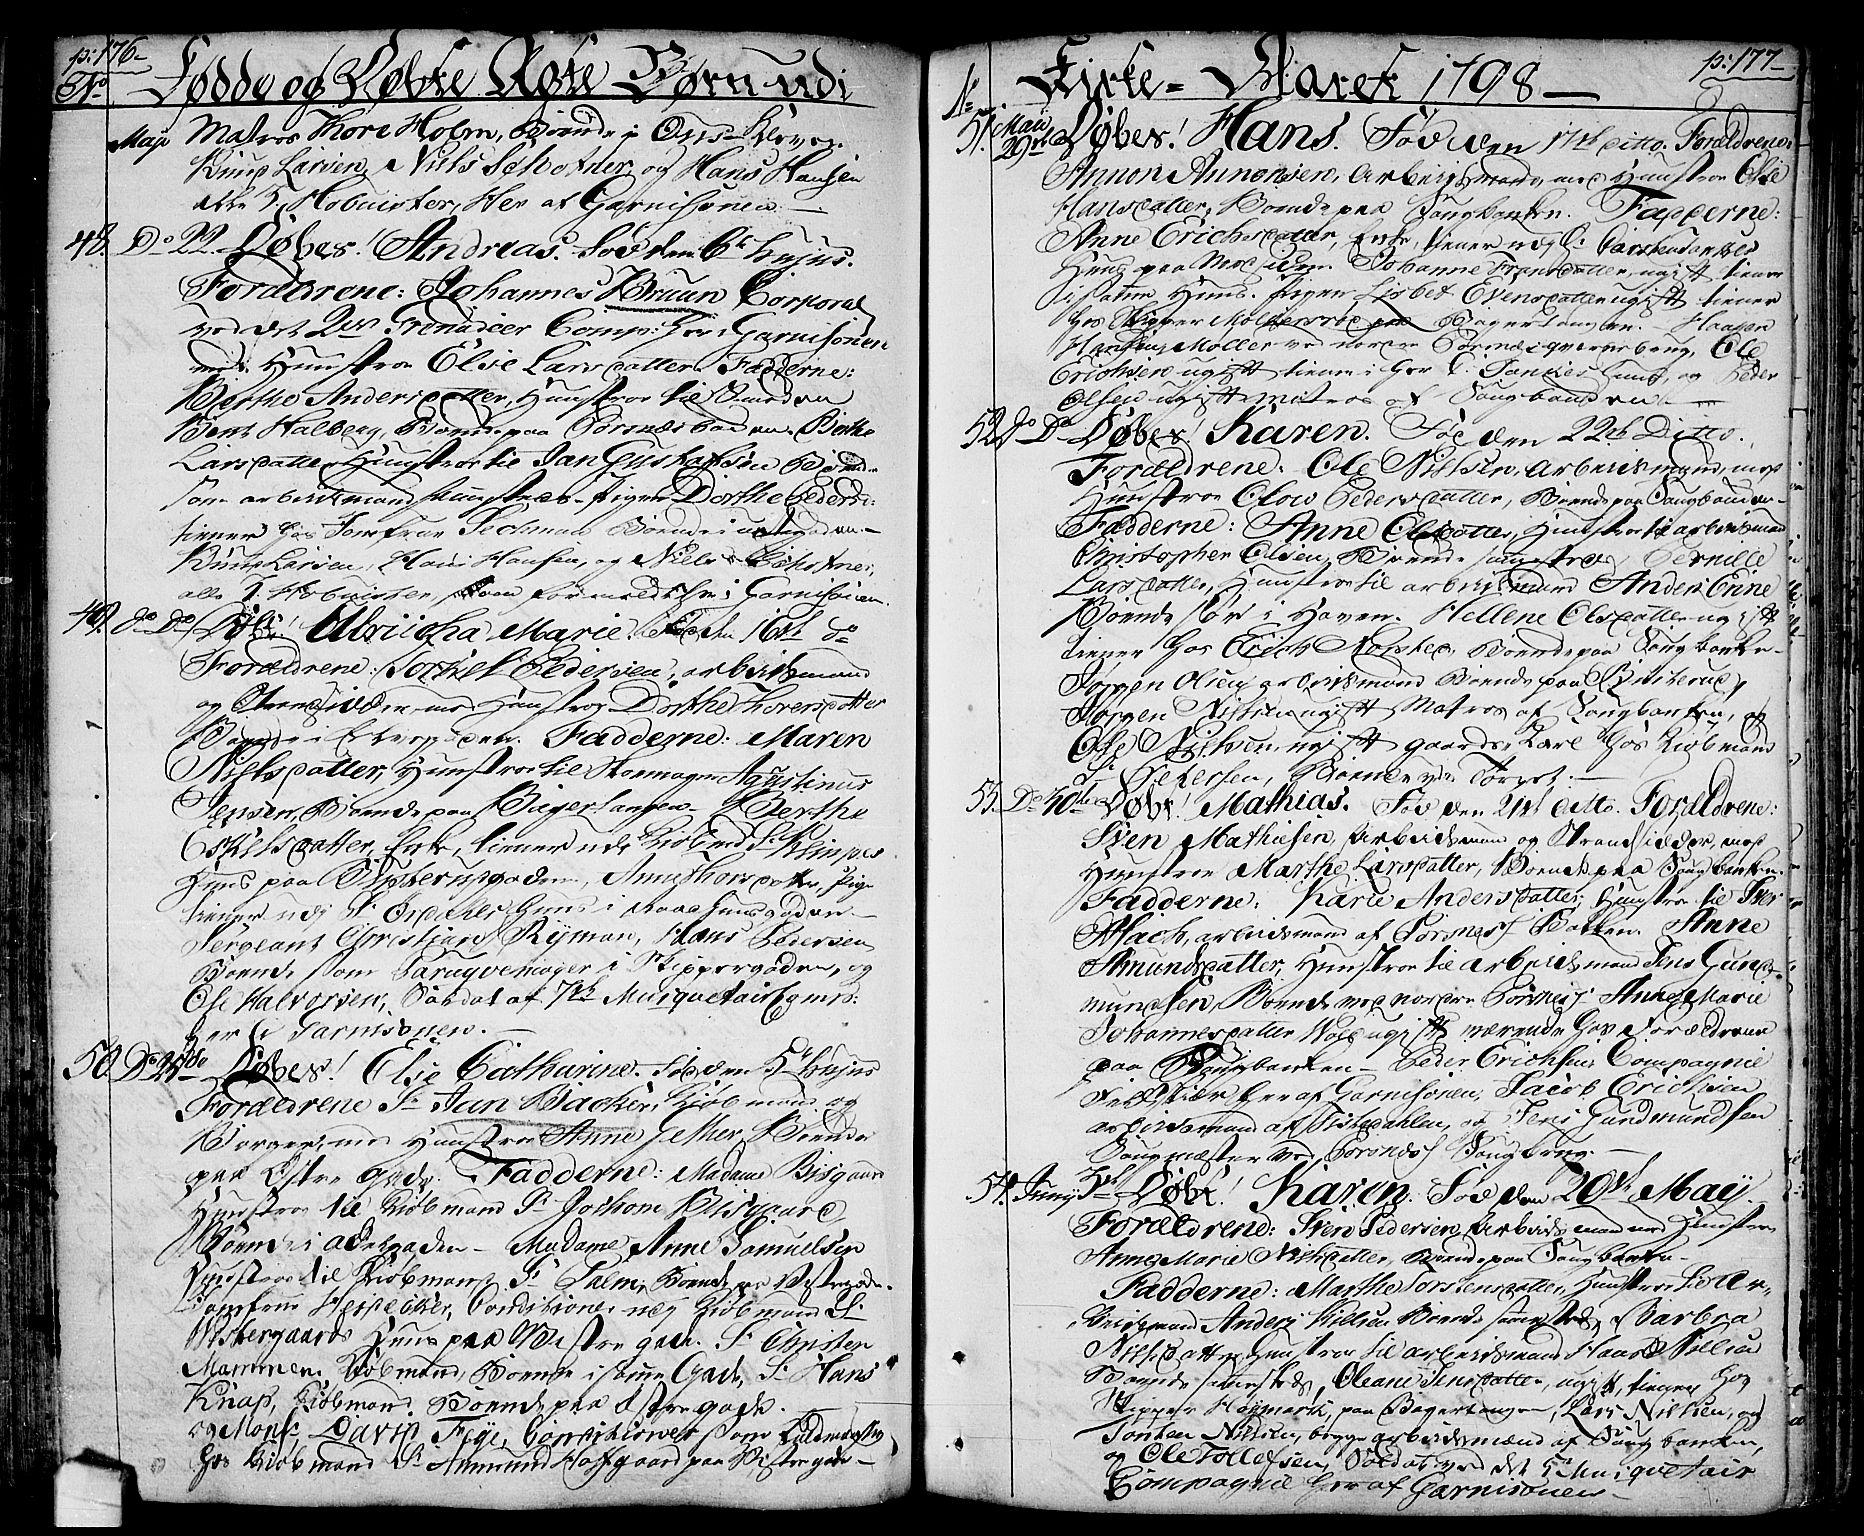 SAO, Halden prestekontor Kirkebøker, F/Fa/L0002: Ministerialbok nr. I 2, 1792-1812, s. 176-177